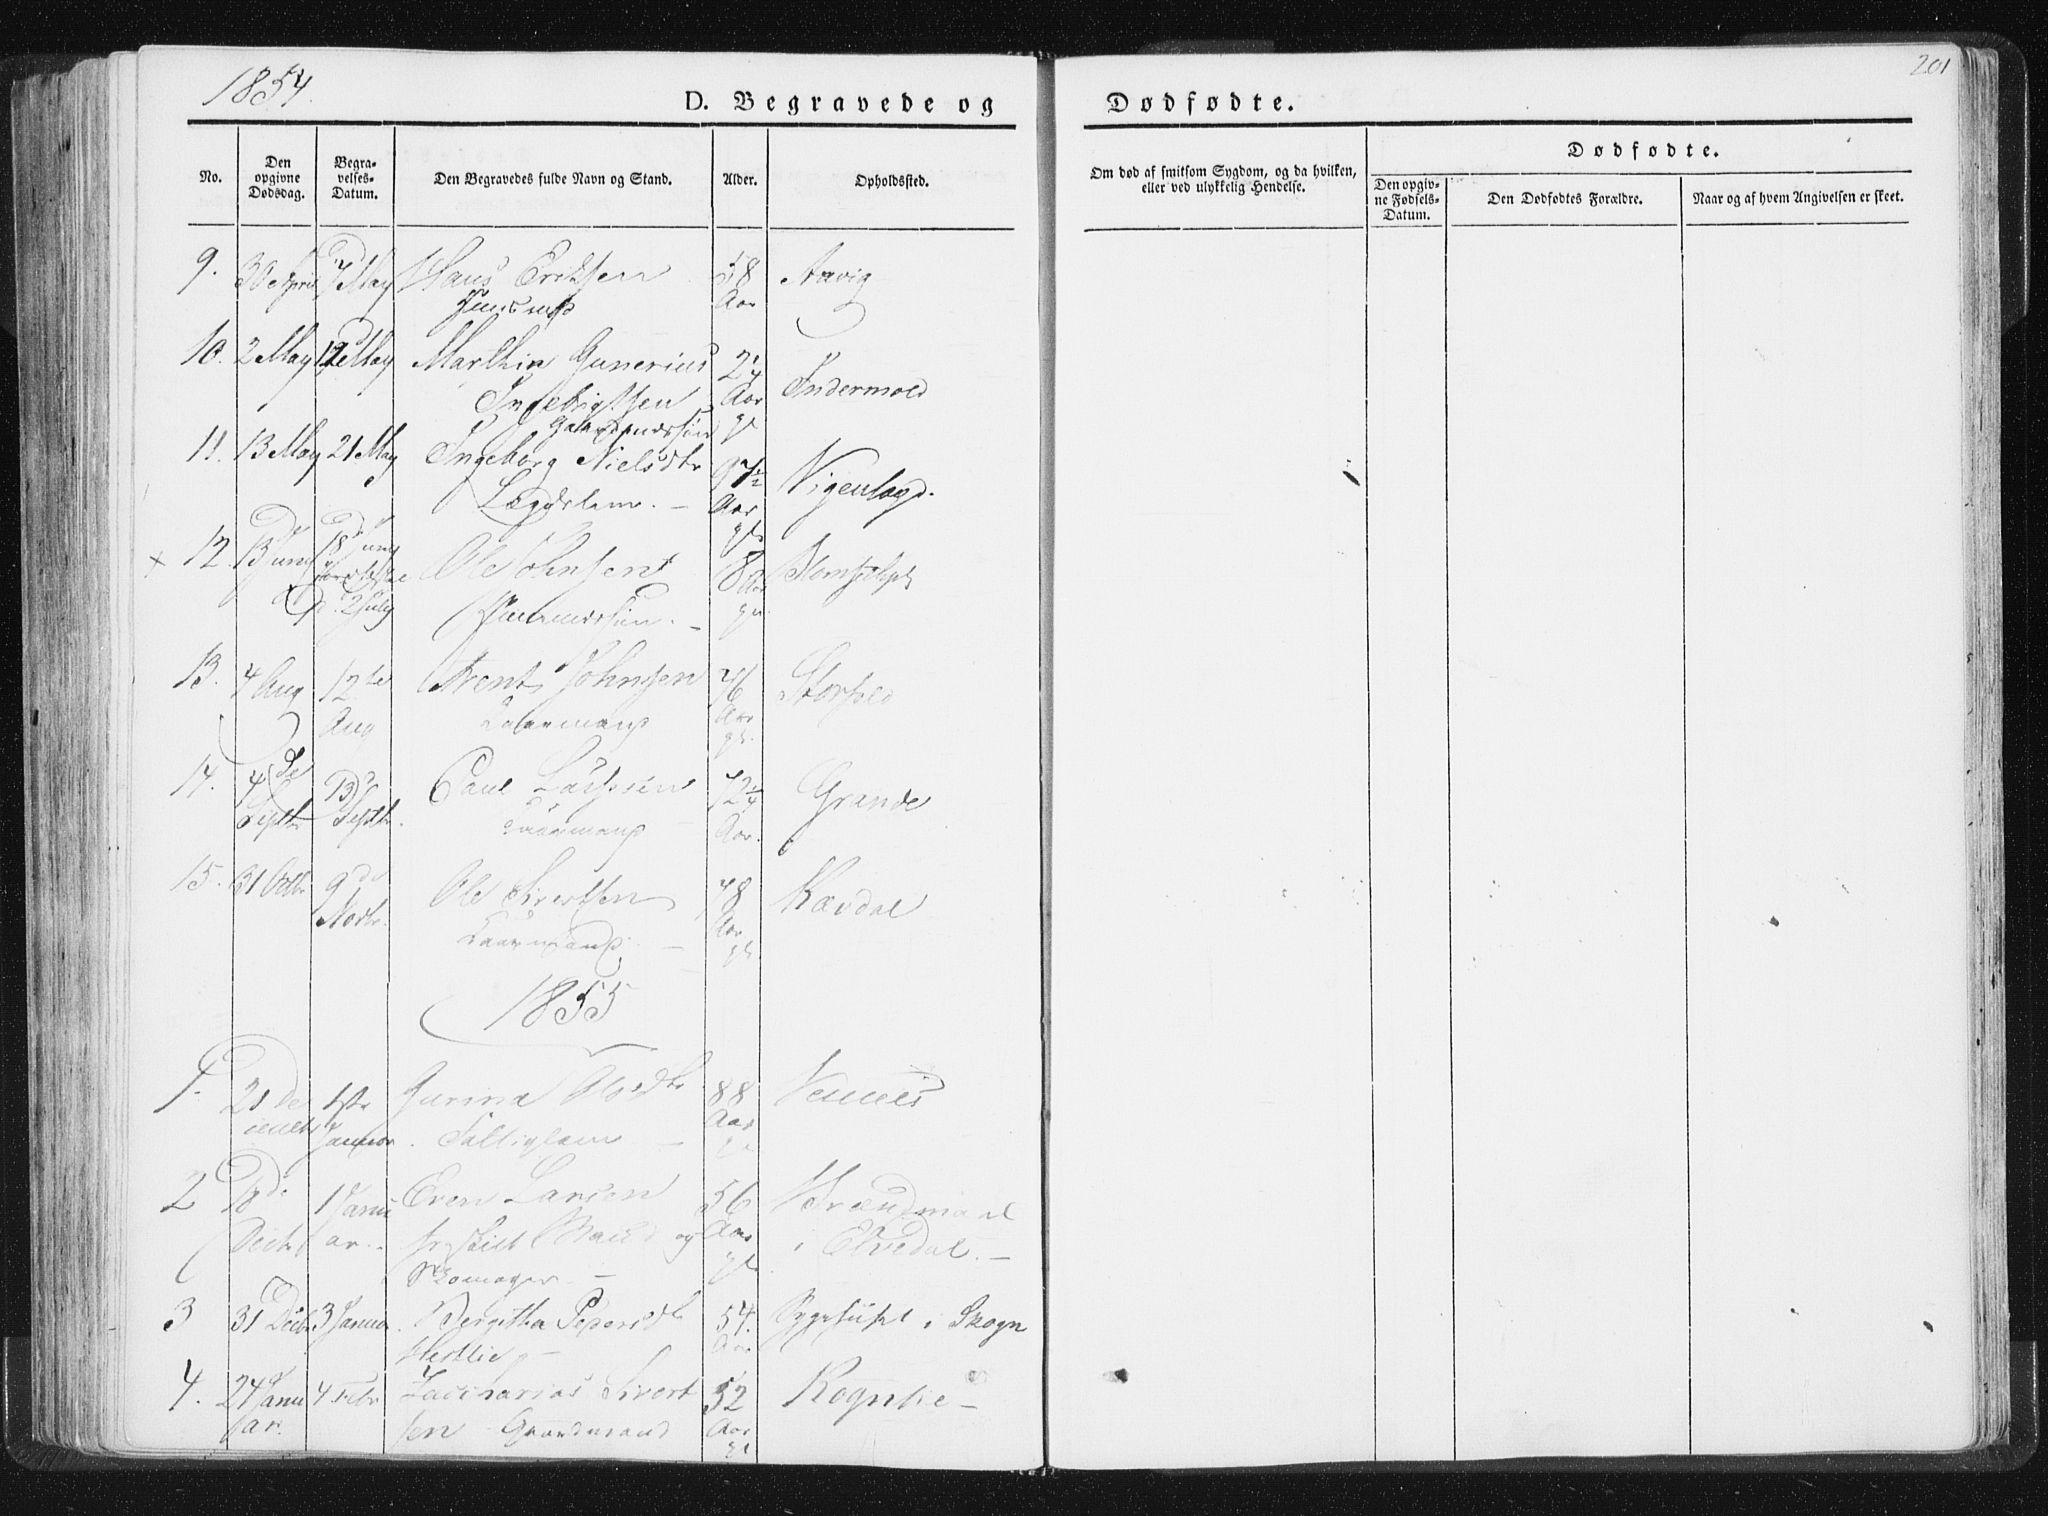 SAT, Ministerialprotokoller, klokkerbøker og fødselsregistre - Nord-Trøndelag, 744/L0418: Ministerialbok nr. 744A02, 1843-1866, s. 201